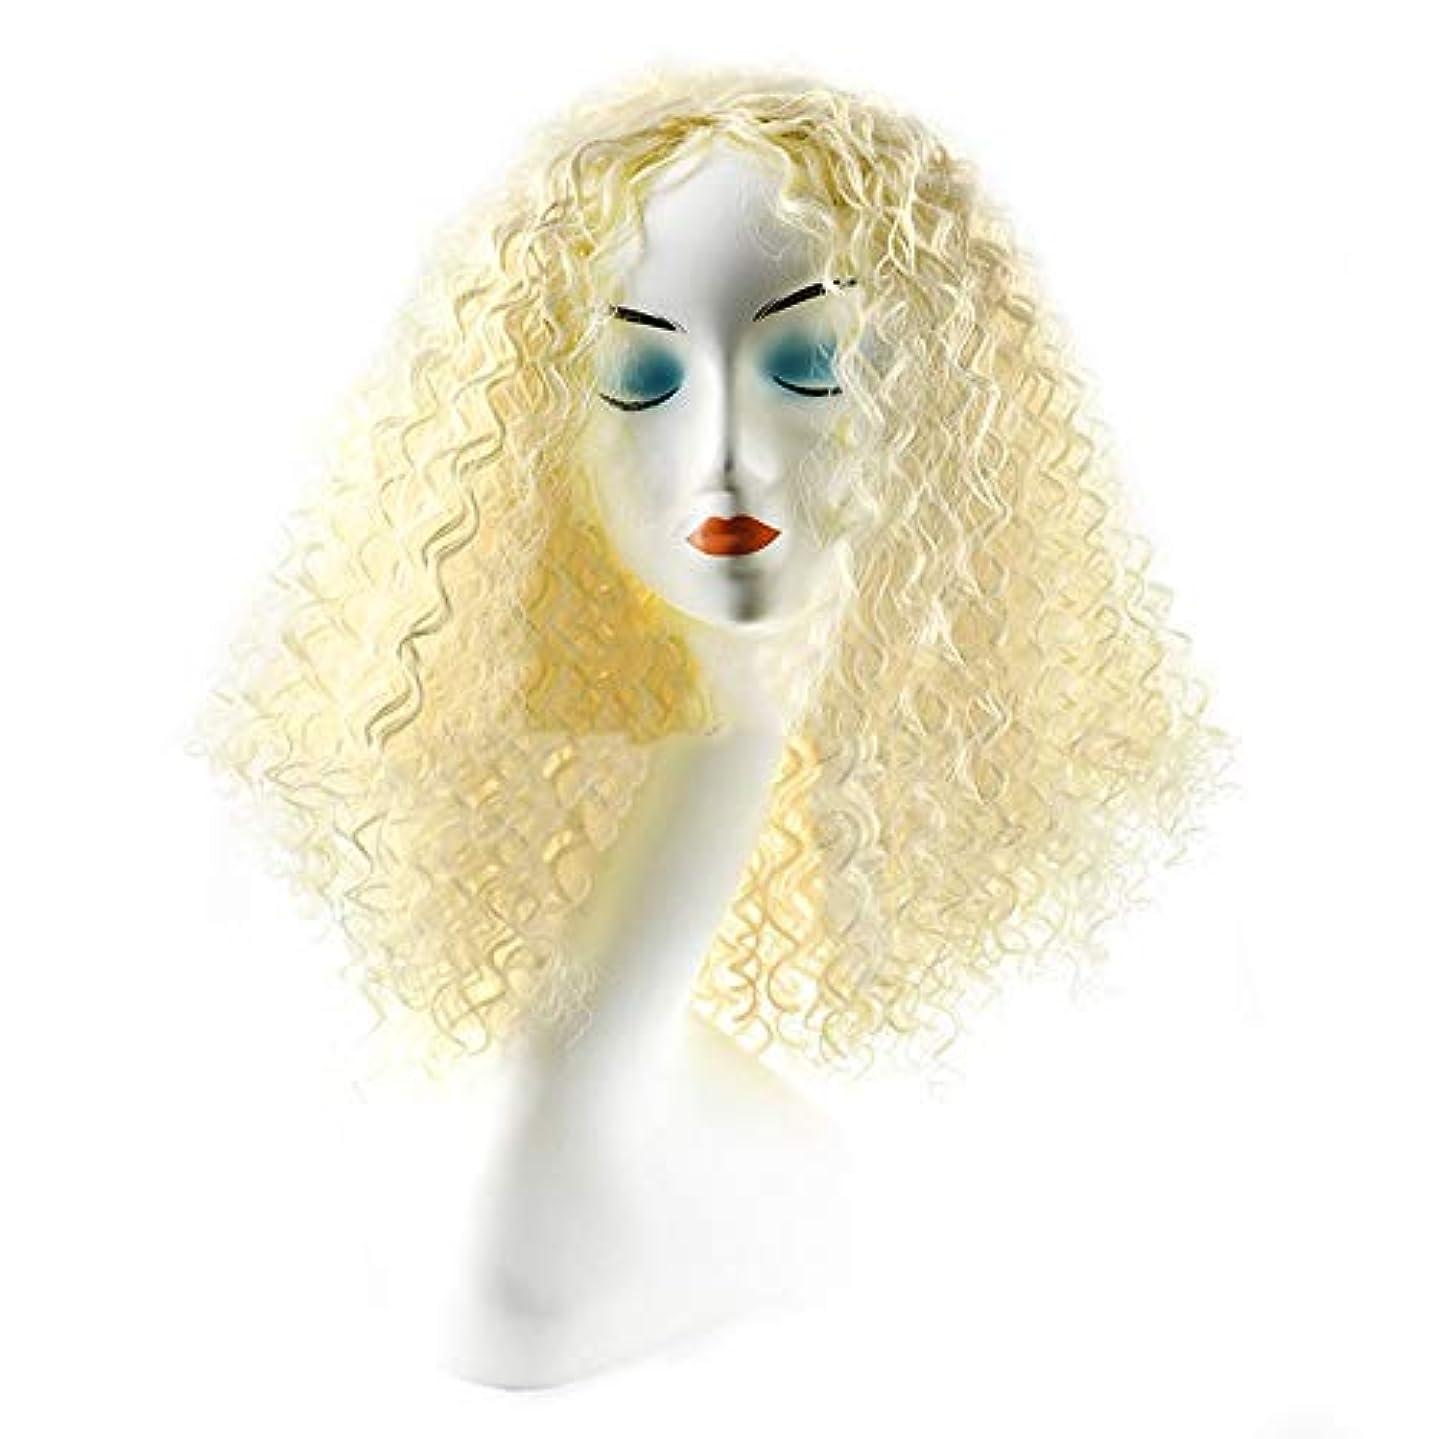 ハング宮殿コーンウォールWASAIO ファッションレディーブロンドショートカーリーヘアウィッグ用女性アクセサリースタイル交換繊維合成毎日コスプレドレス (色 : Blonde)